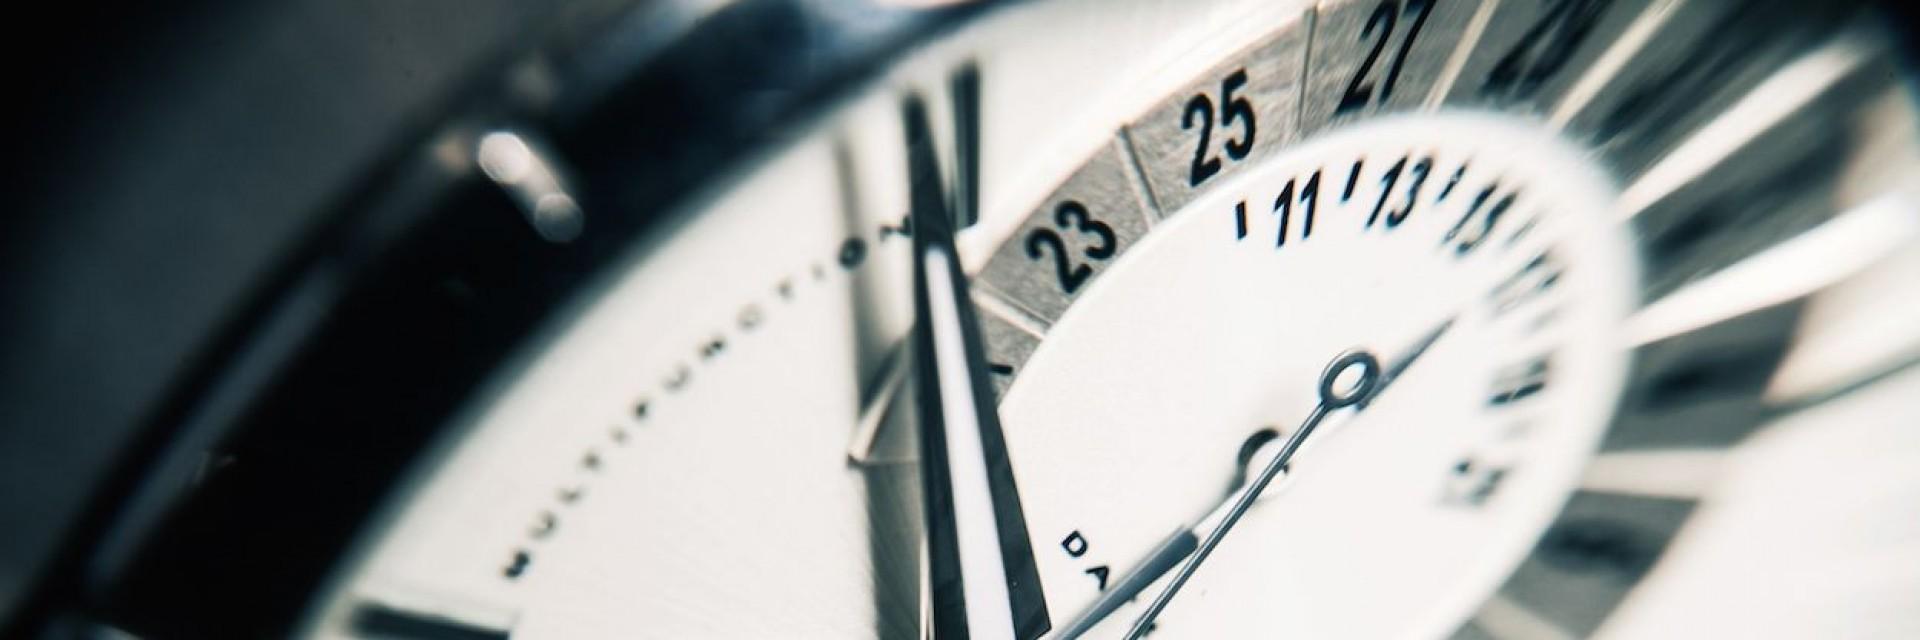 A watch face of an expensive Swiss mechanical watch